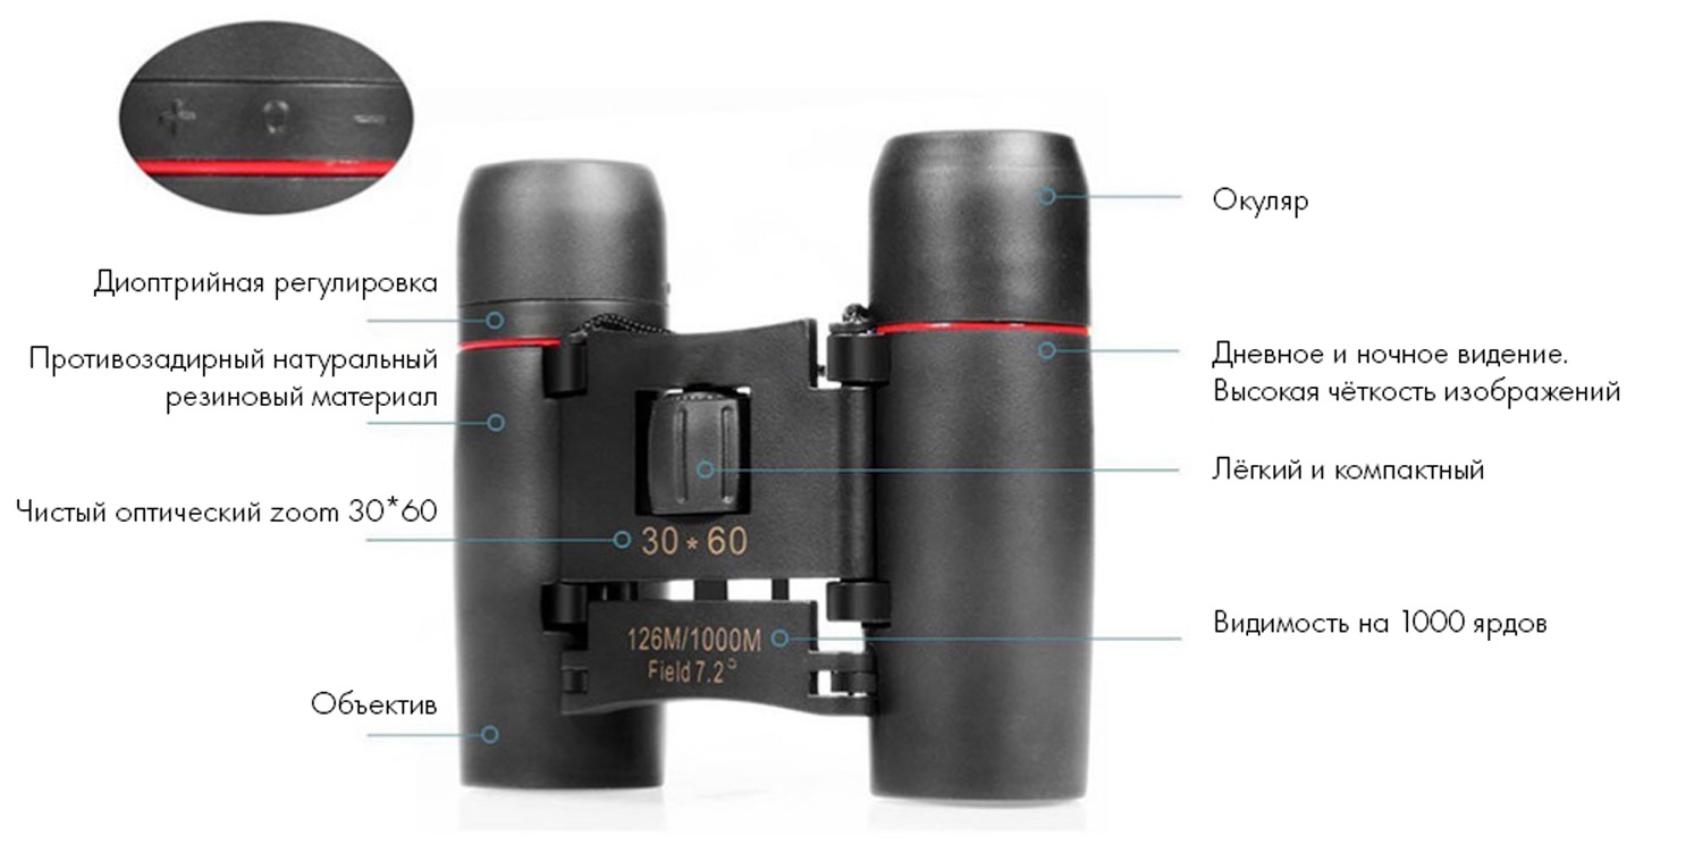 Описание бинокля Nikon Aculon